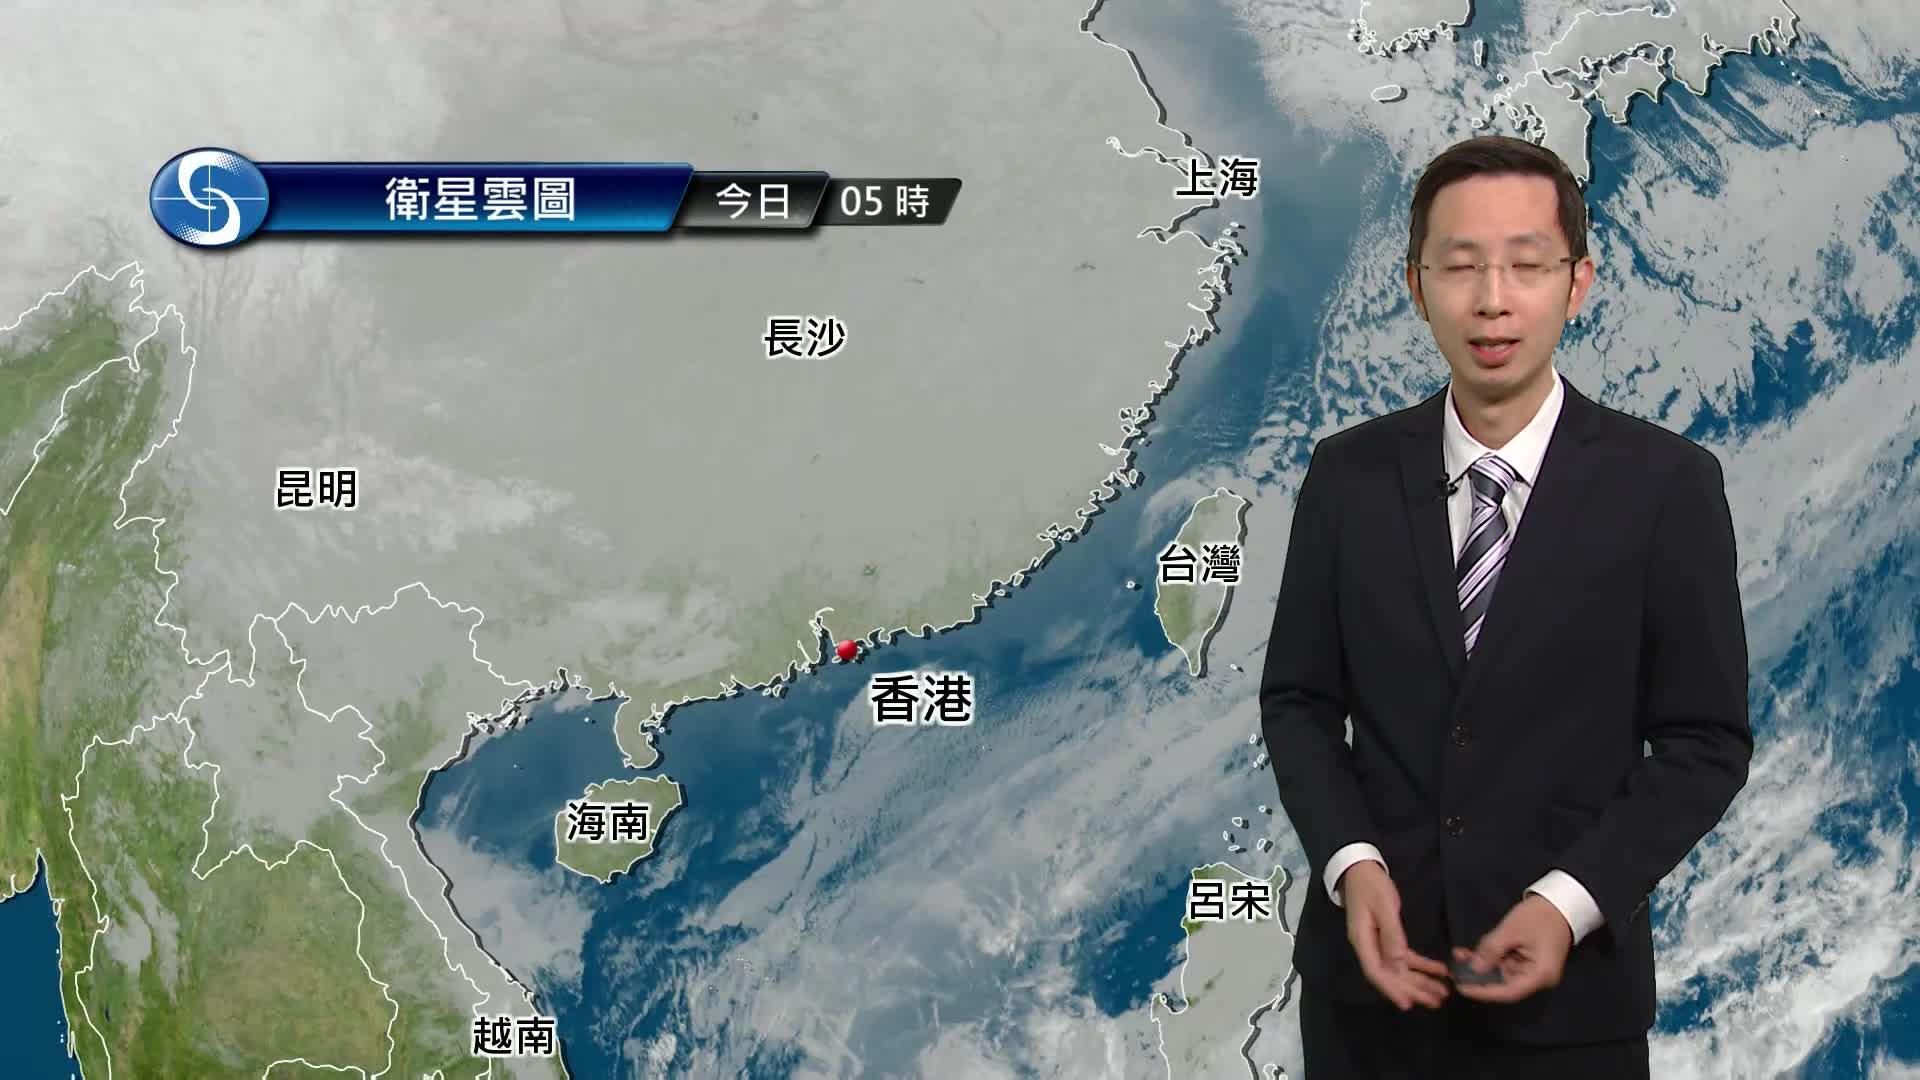 早晨天氣節目(01月18日上午7時) - 科學主任蔡振榮